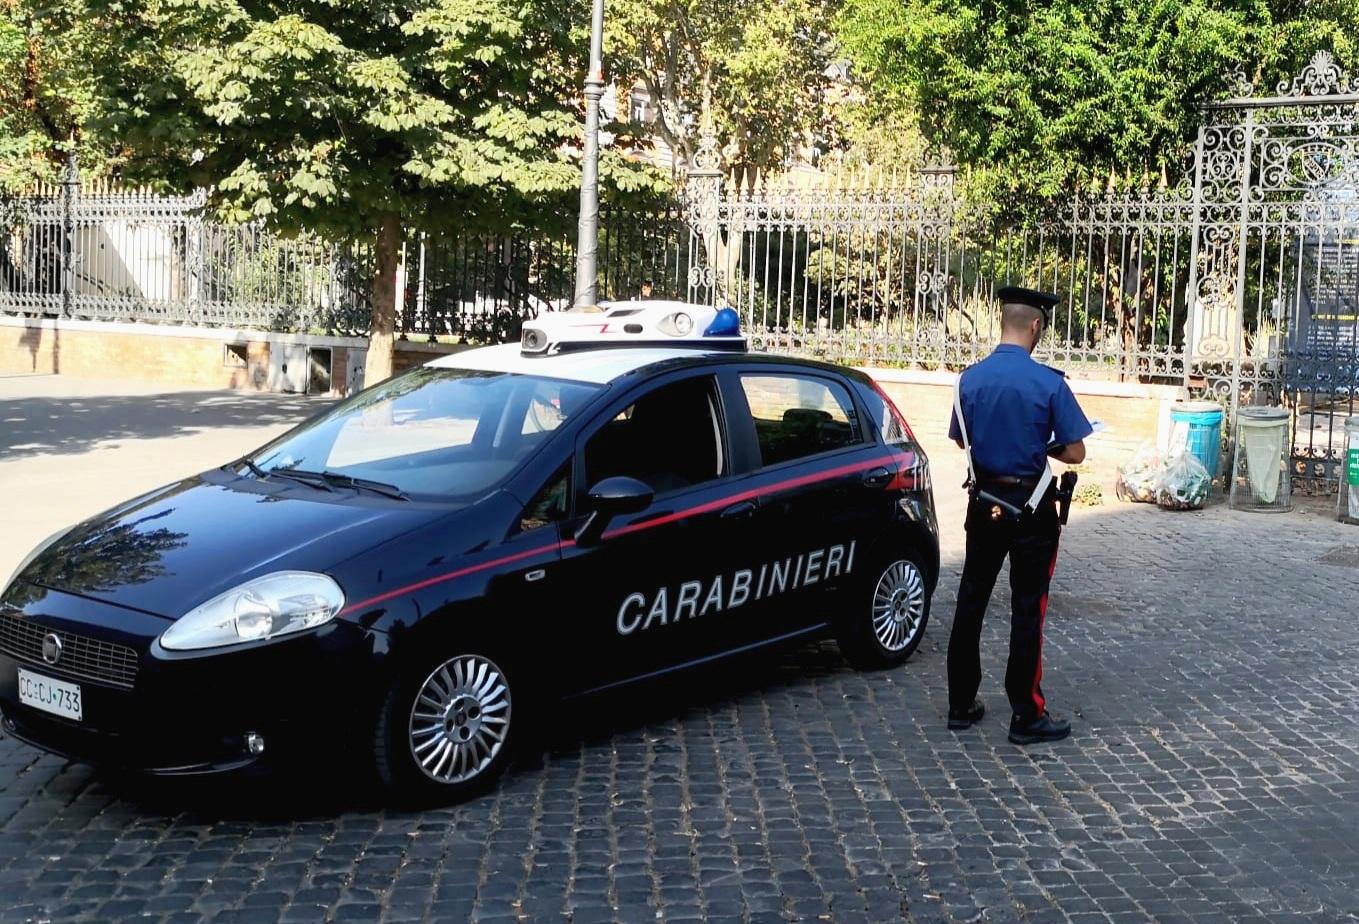 La richiesta di aiuto ai Carabinieri mette fine all'incubo di una donna  dopo l'ennesima violenza